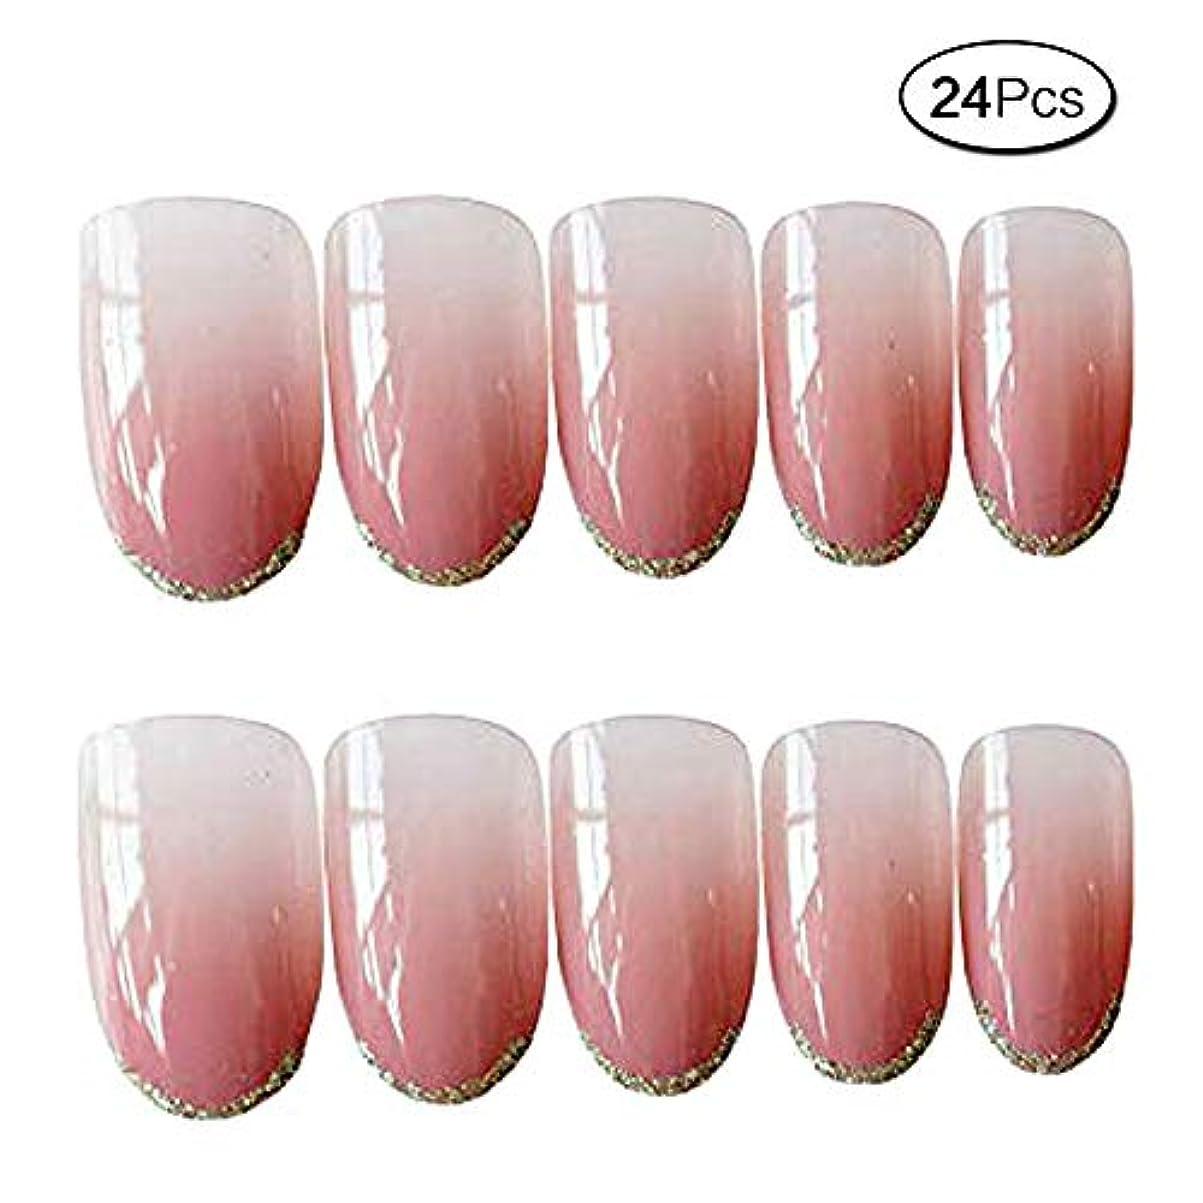 口実項目忙しい24枚入 人気の色 手作りネイルチップ ファッション プノンペン グラデーション色 和風 夢幻